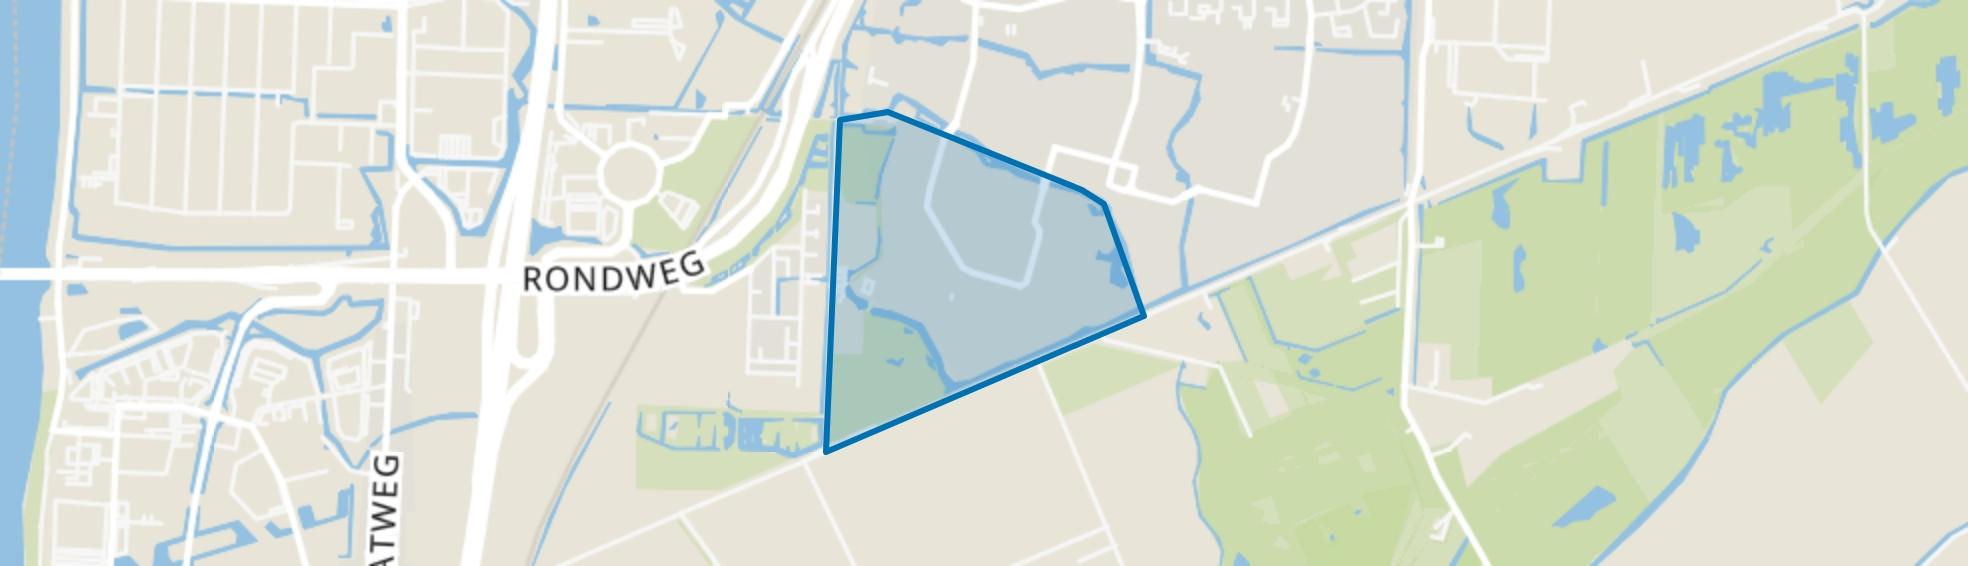 Wittenstein en omgeving, Dordrecht map